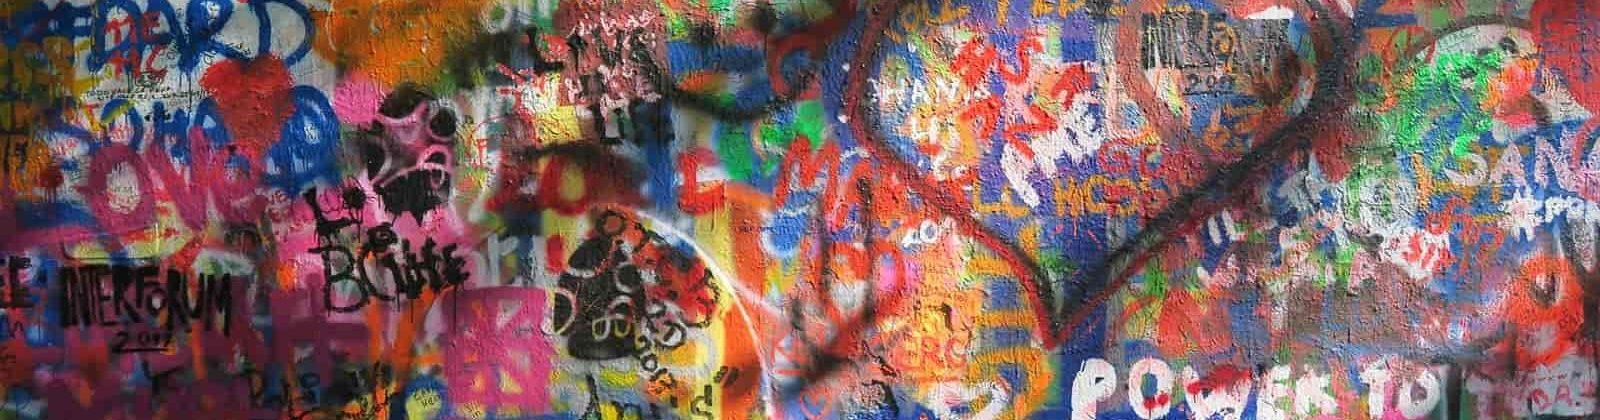 graffiti wall czechia